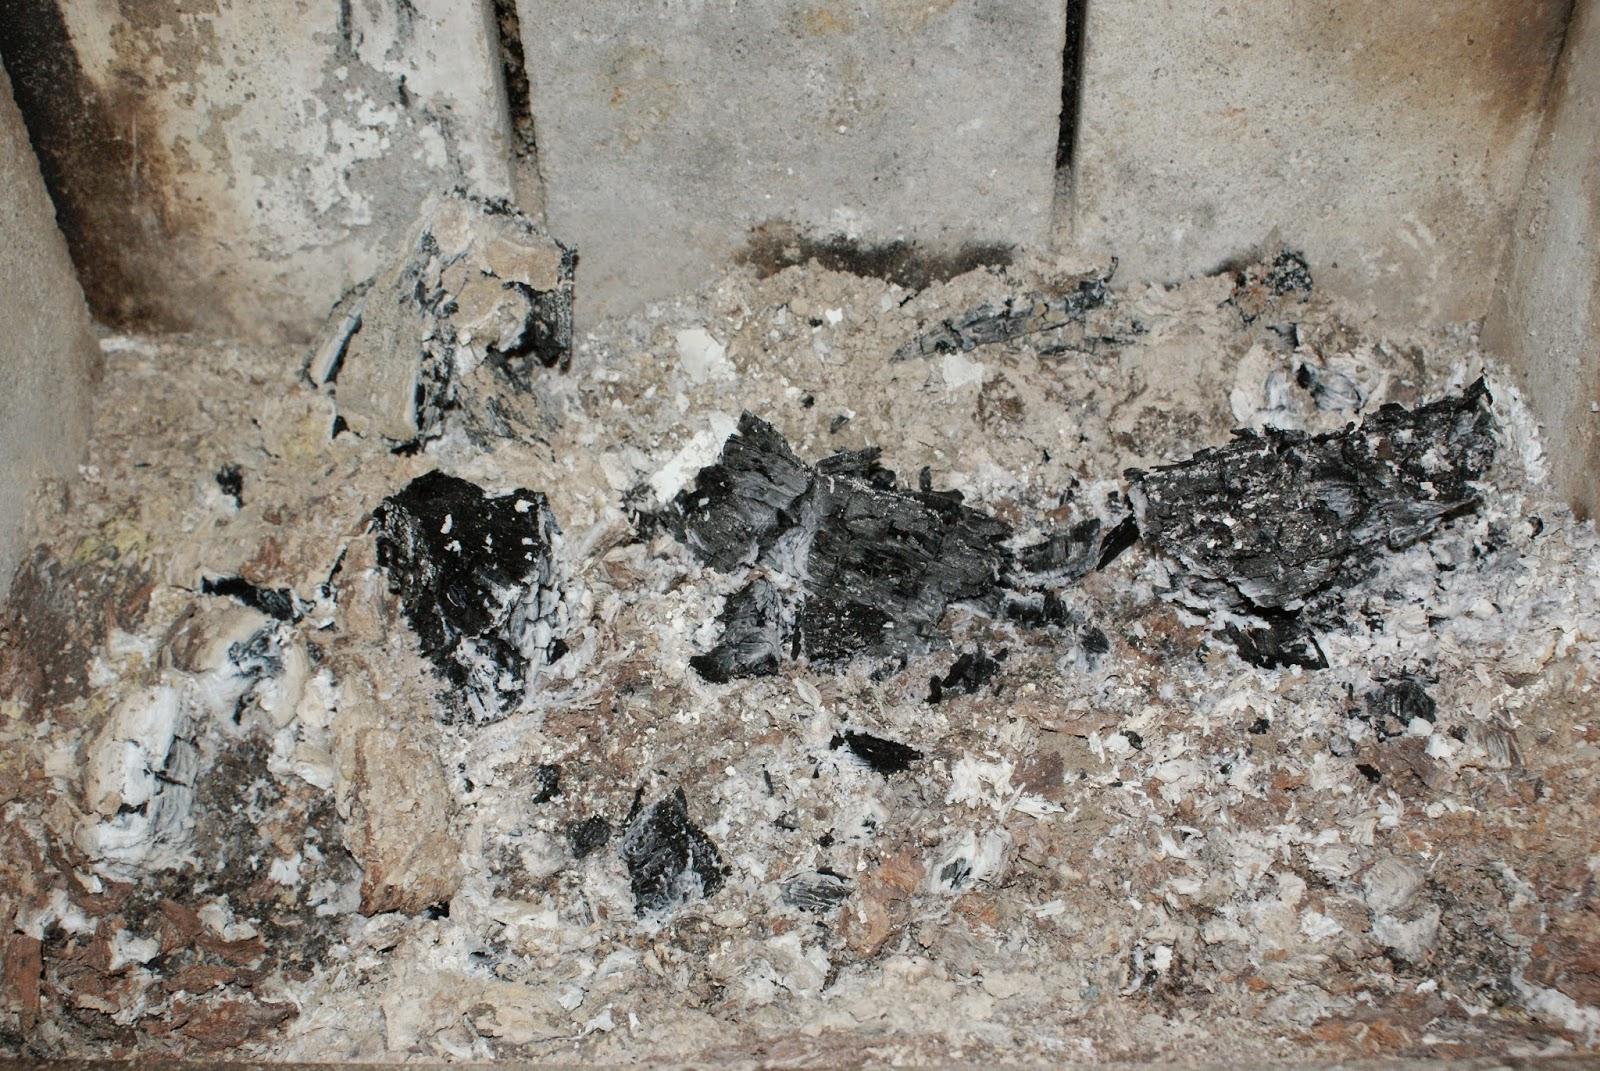 Popiół po spalaniu drewna, Sporo niedopalonych kawałków i duża ilość samego popiołu.